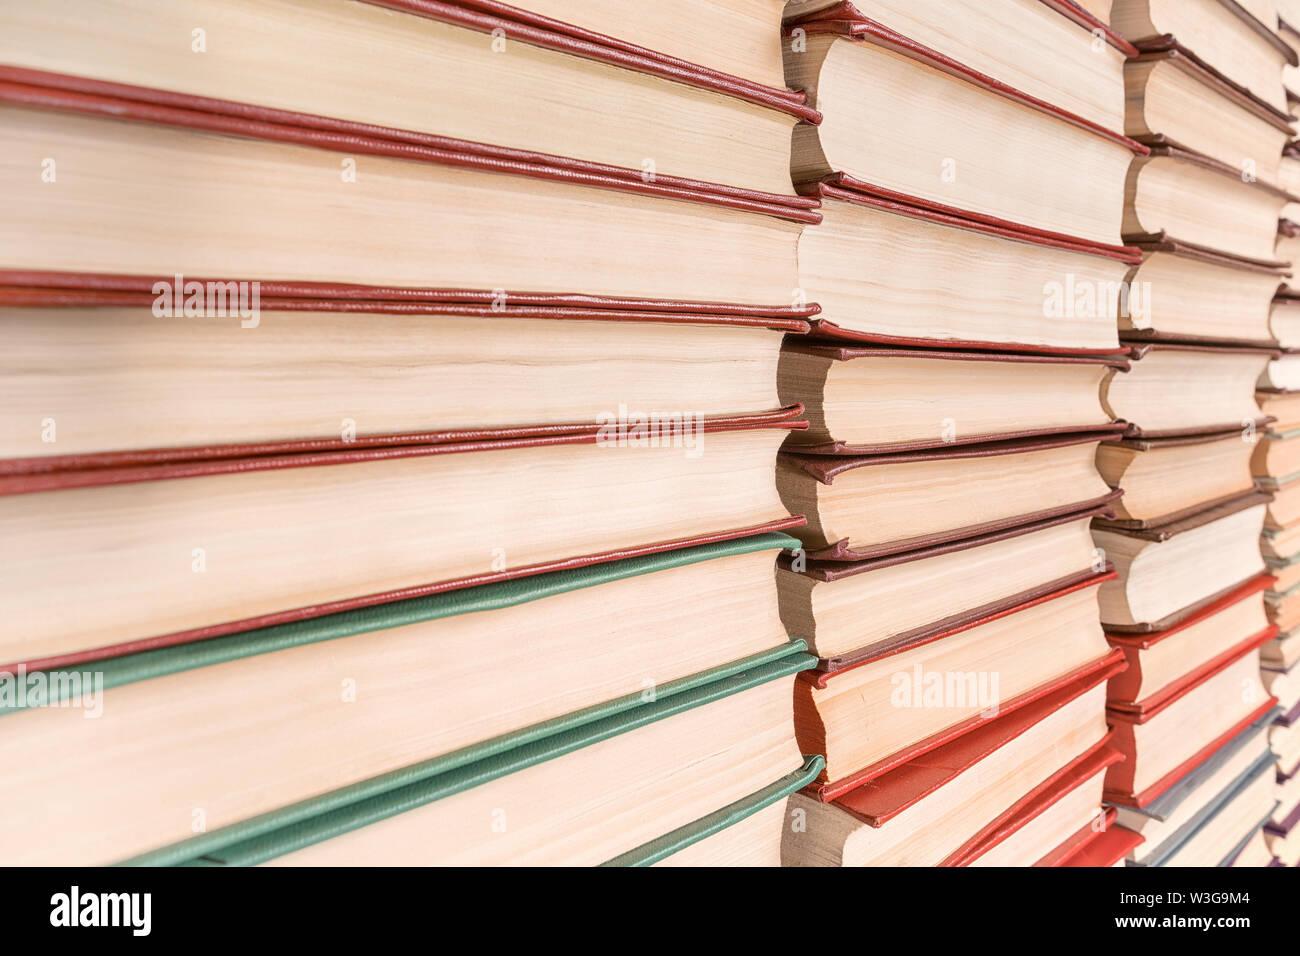 Pila di libri in diminuzione in prospettiva. Texture e background Foto Stock